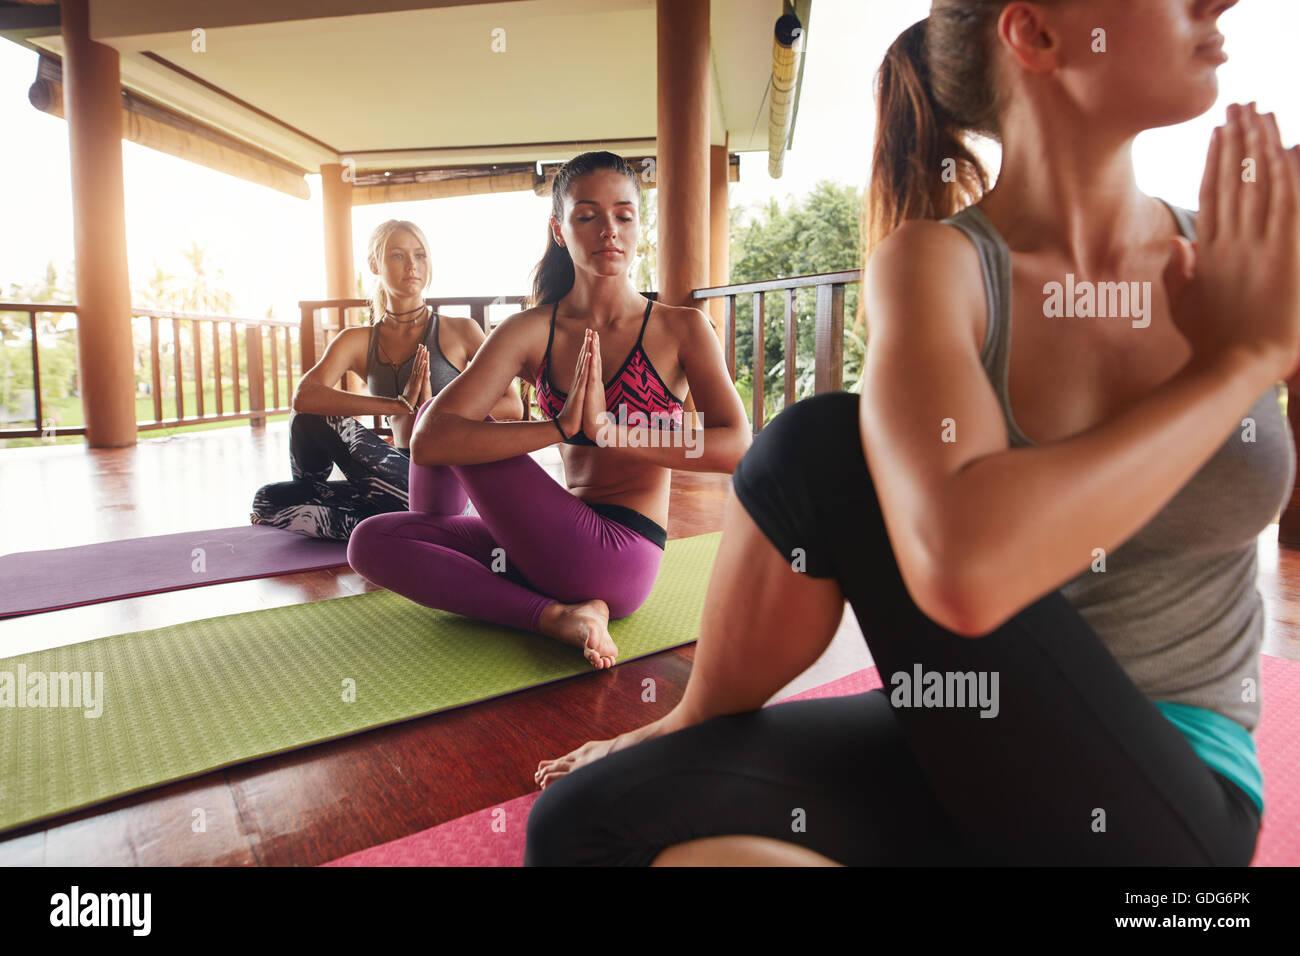 Foto de joven mujer practicando yoga en torcer la columna vertebral posan con sus manos juntas. Los jóvenes Imagen De Stock